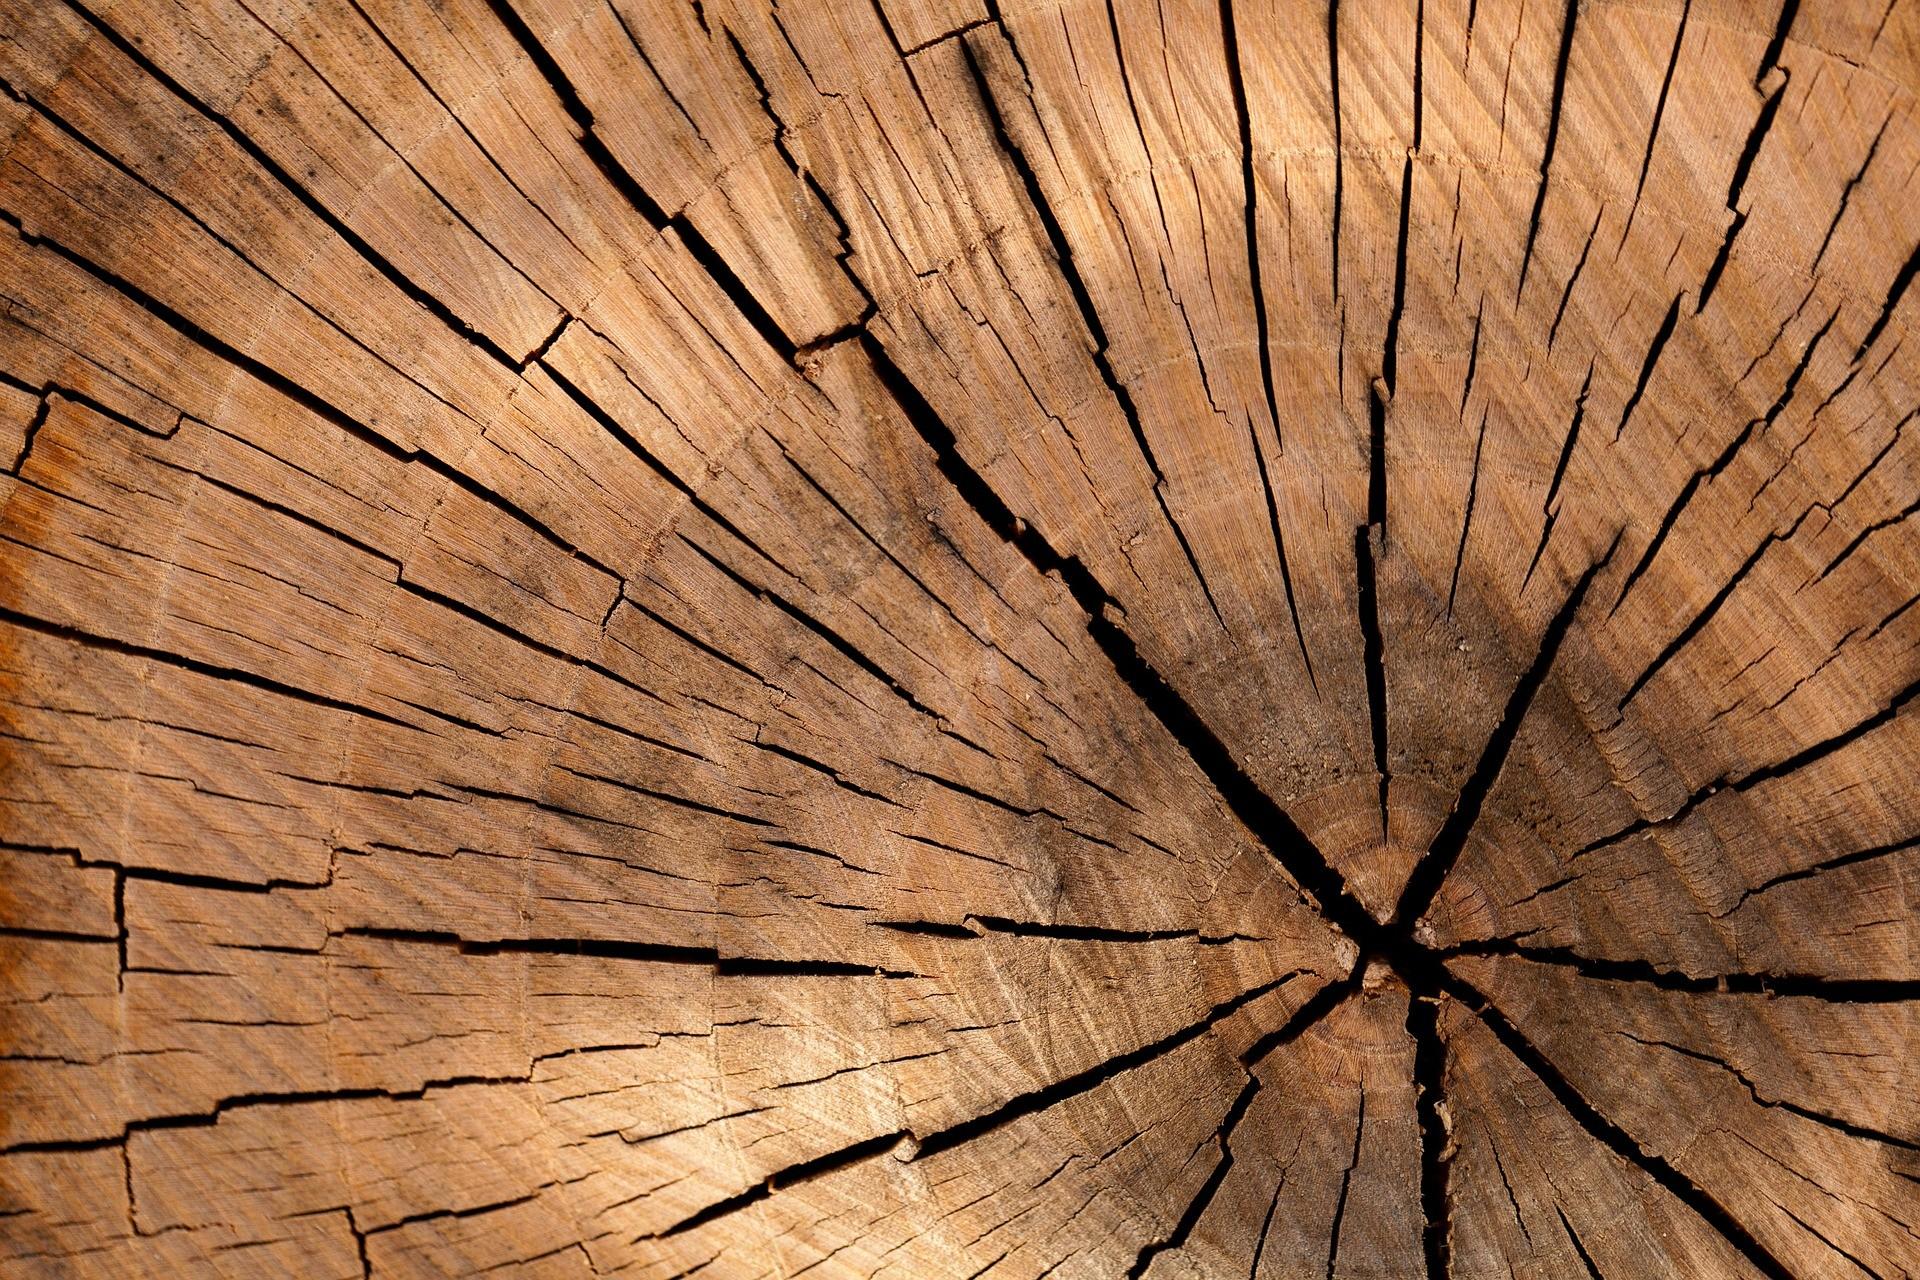 lumber-84678-1920.jpg